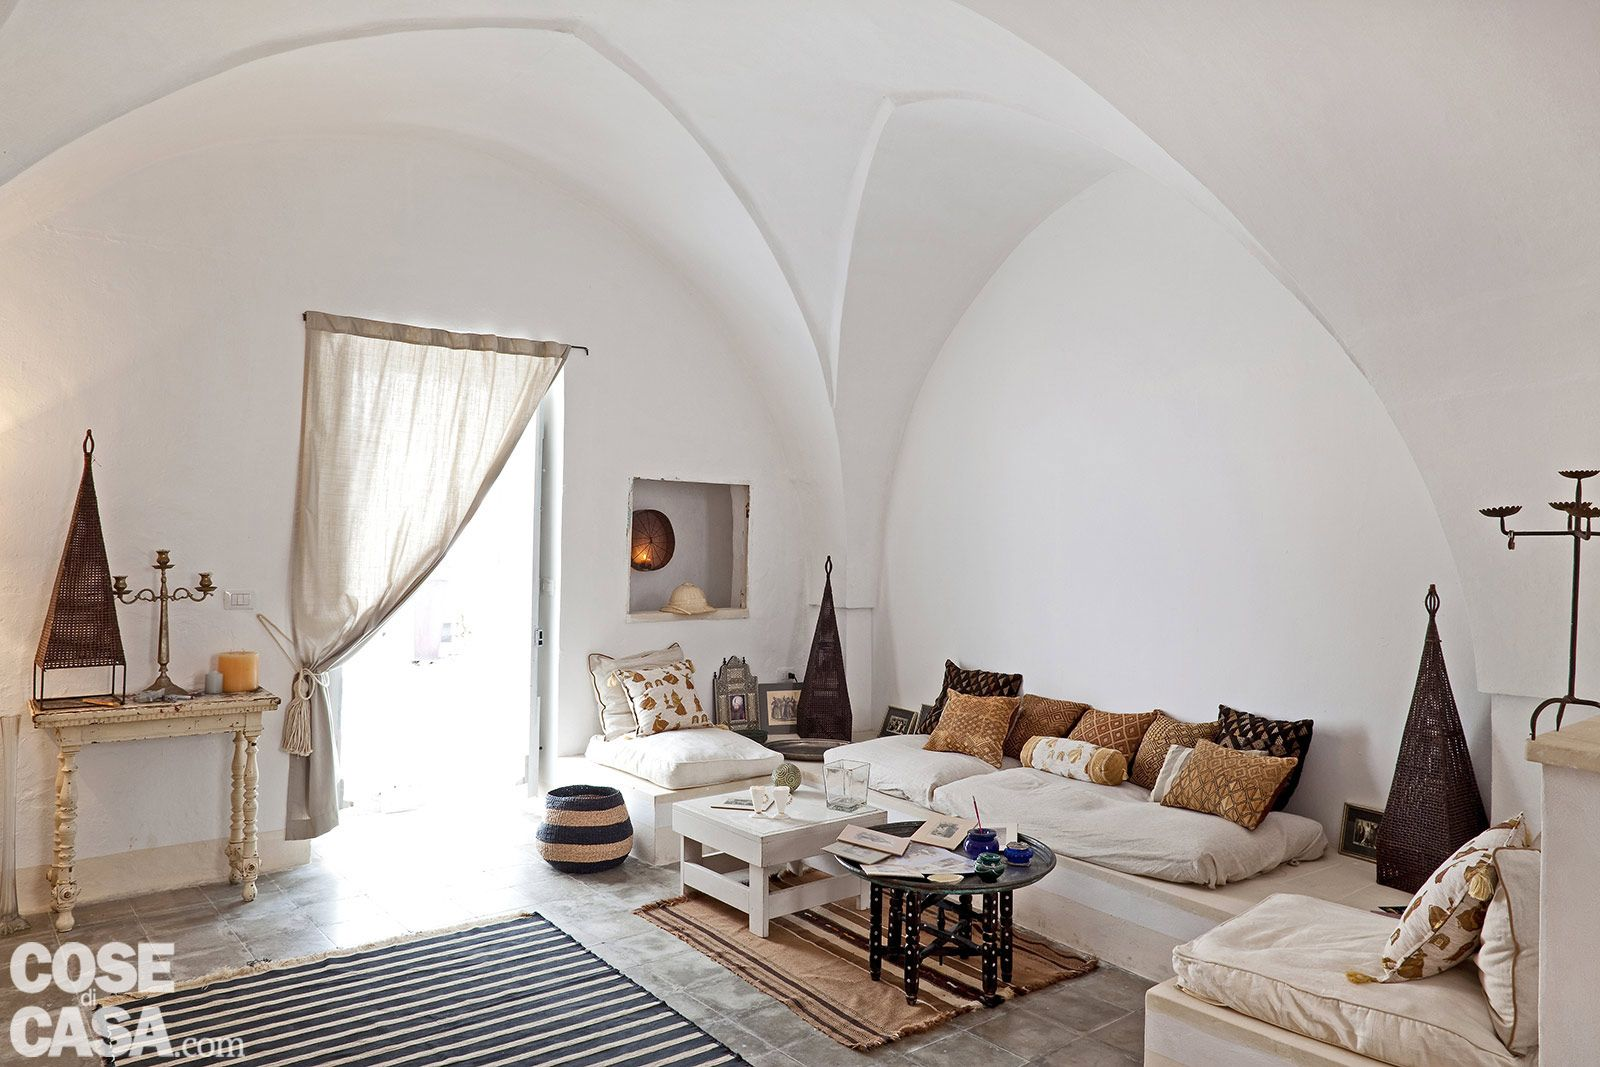 Una casa in pietra in stile mediterraneo acquario for 5 piani di casa di camera da letto